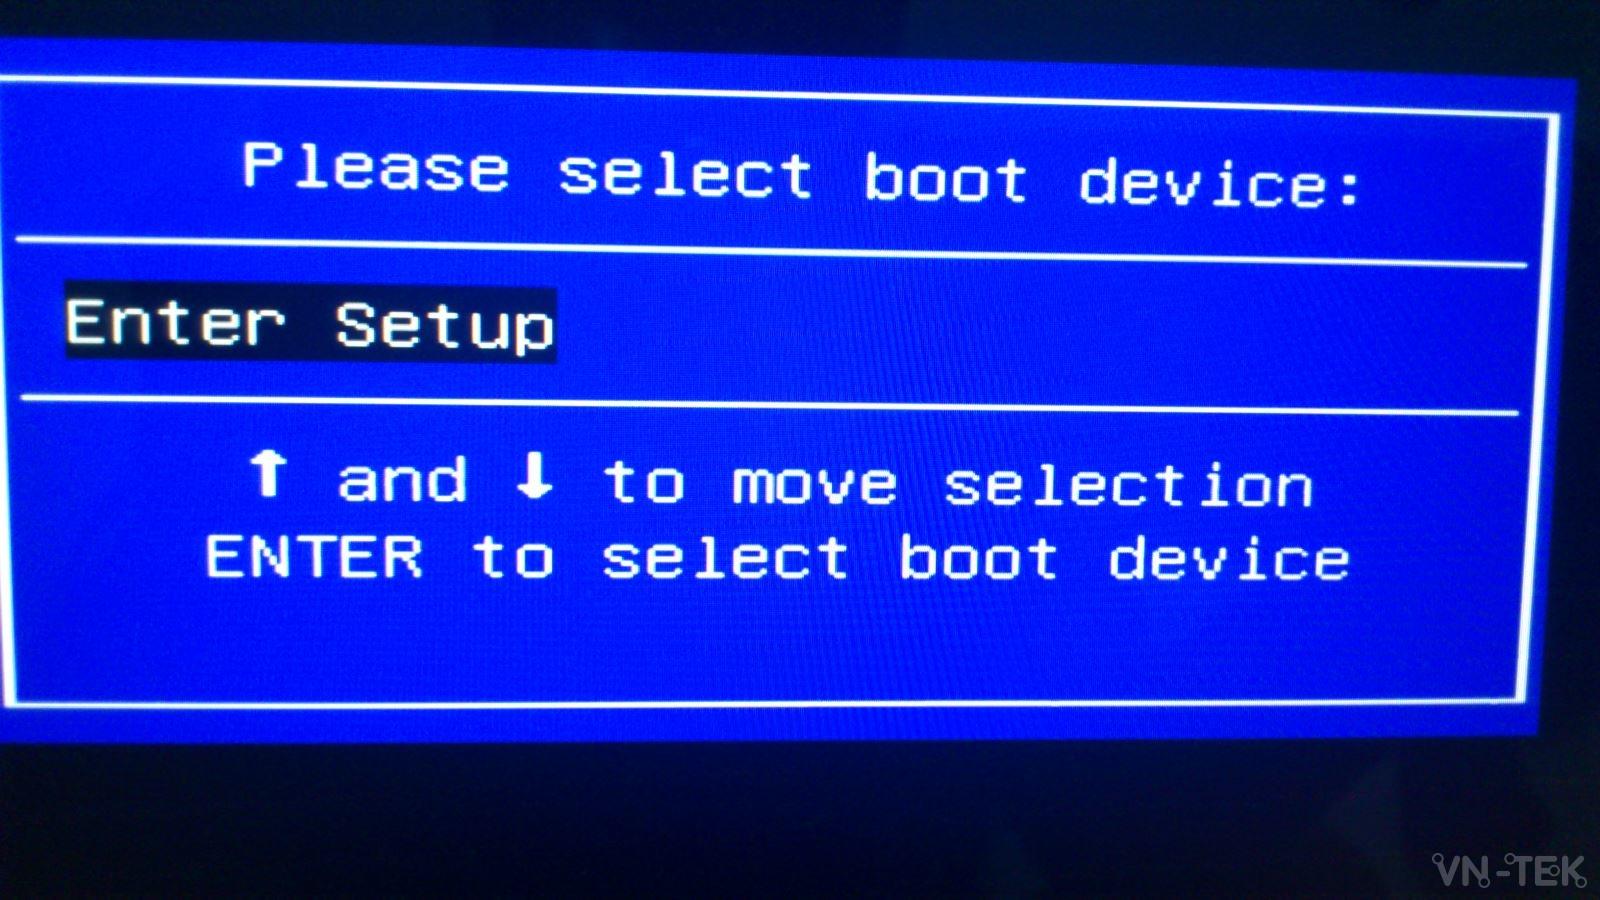 sua loi khong nhan usb boot asus 1 - Khắc phục laptop ASUS không nhận được USB boot